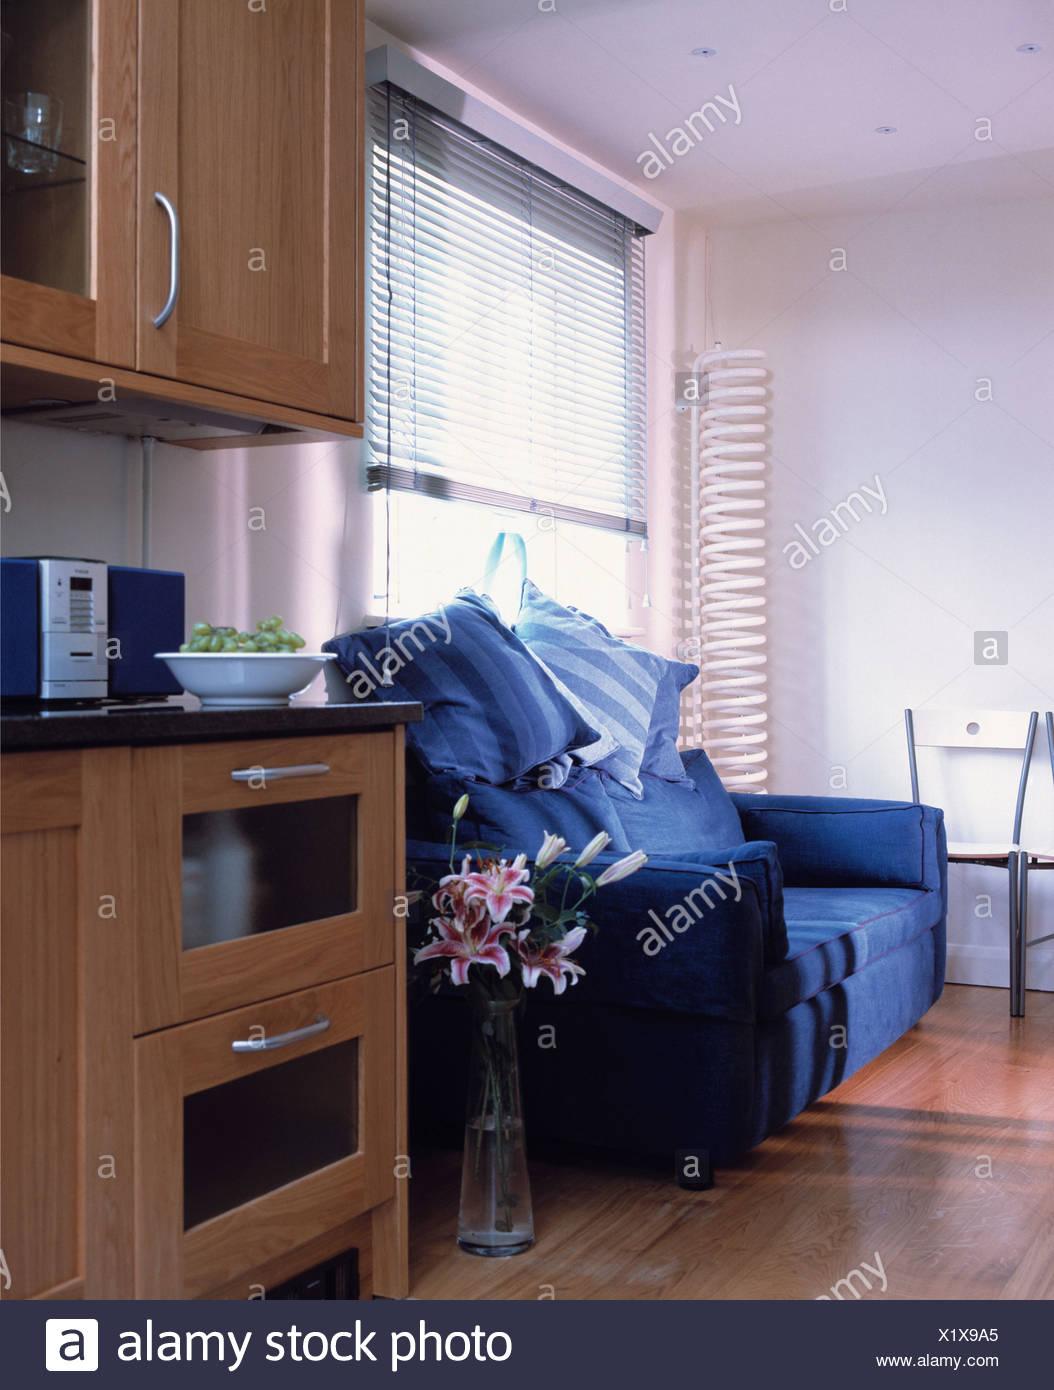 Kuche jalousie - Fenster in der kuche ...